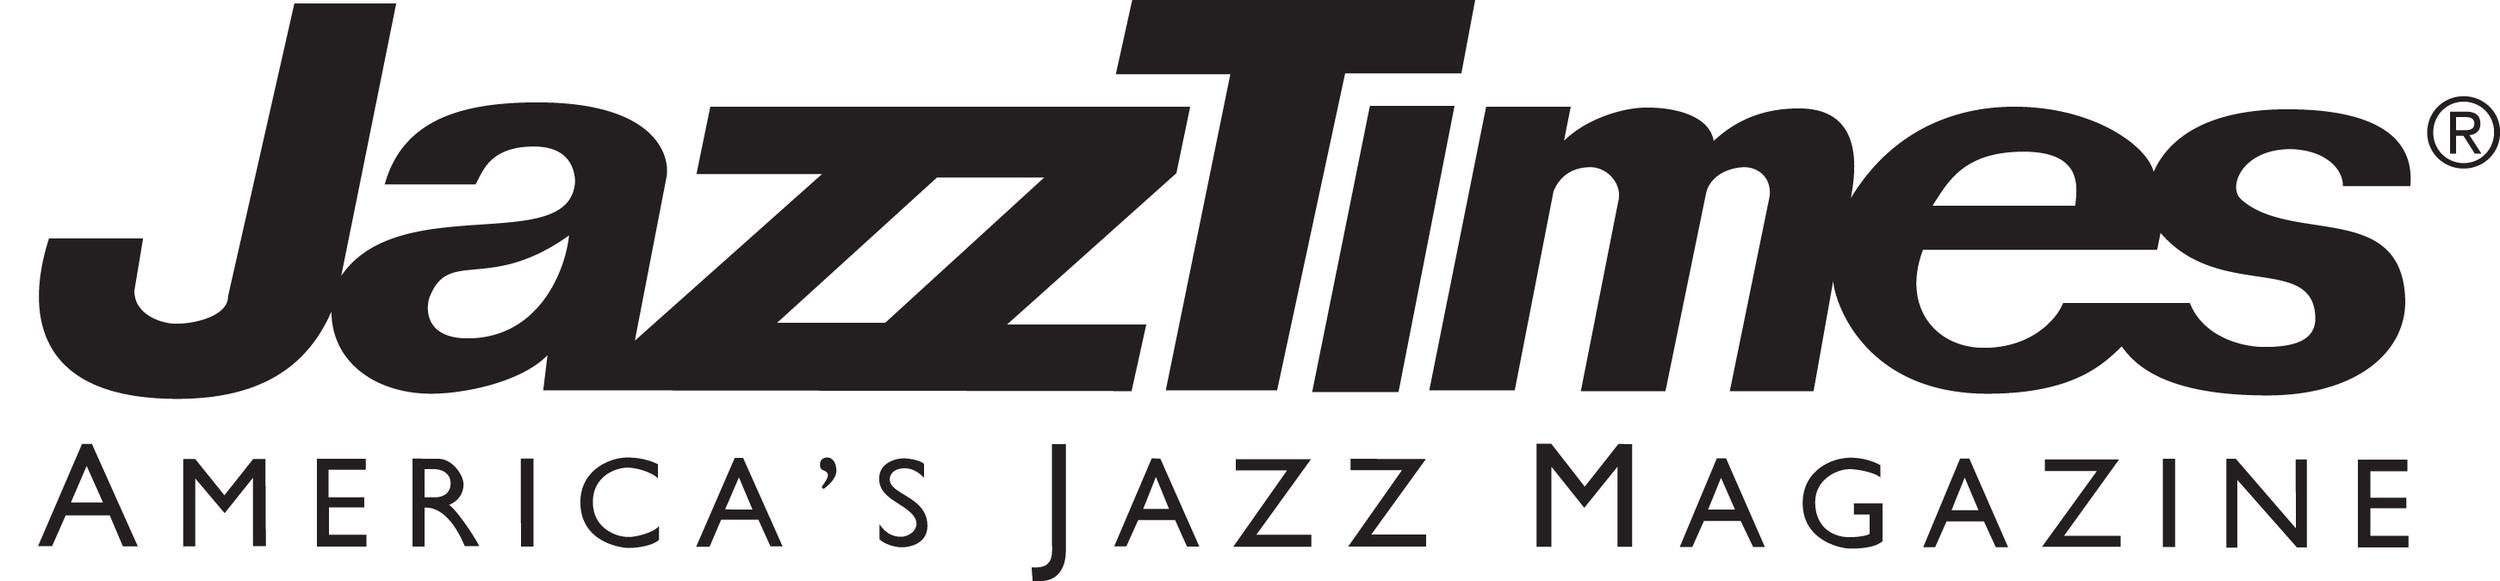 JazzTimes [Converted]